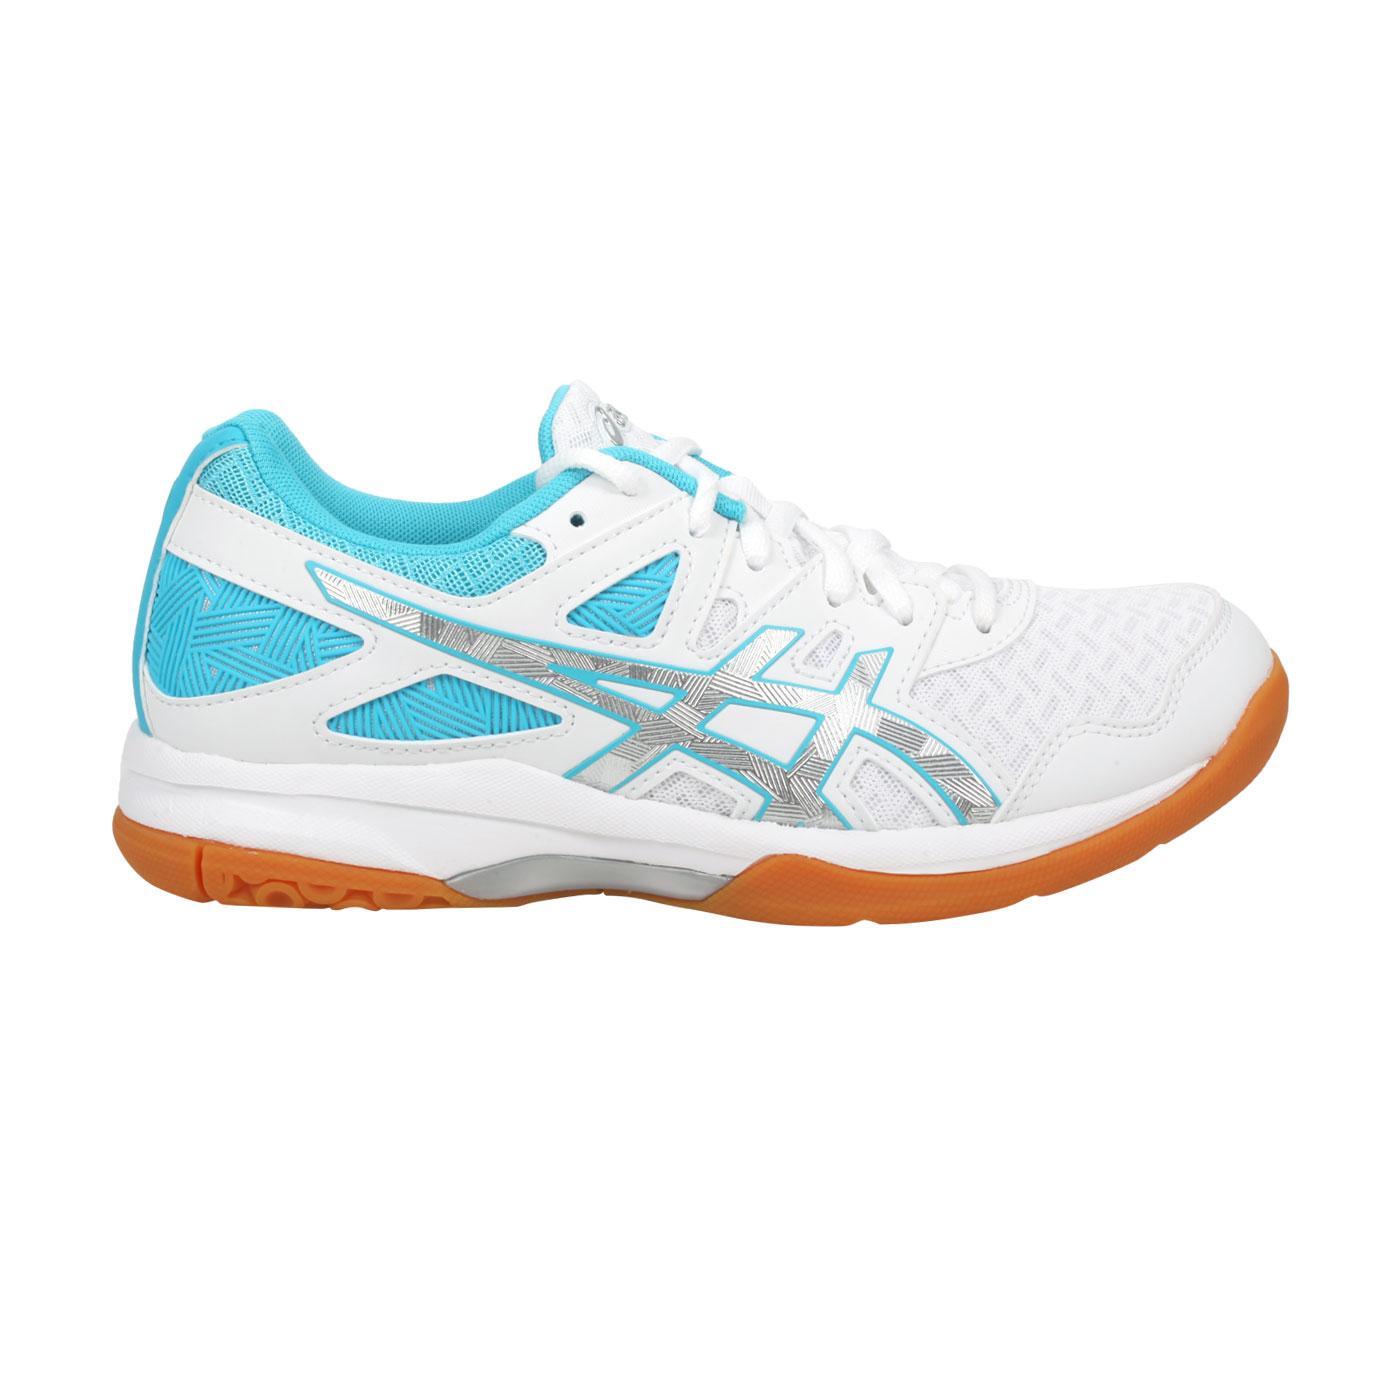 ASICS 女款排羽球鞋  @GEL-TASK 2@1072A038-102